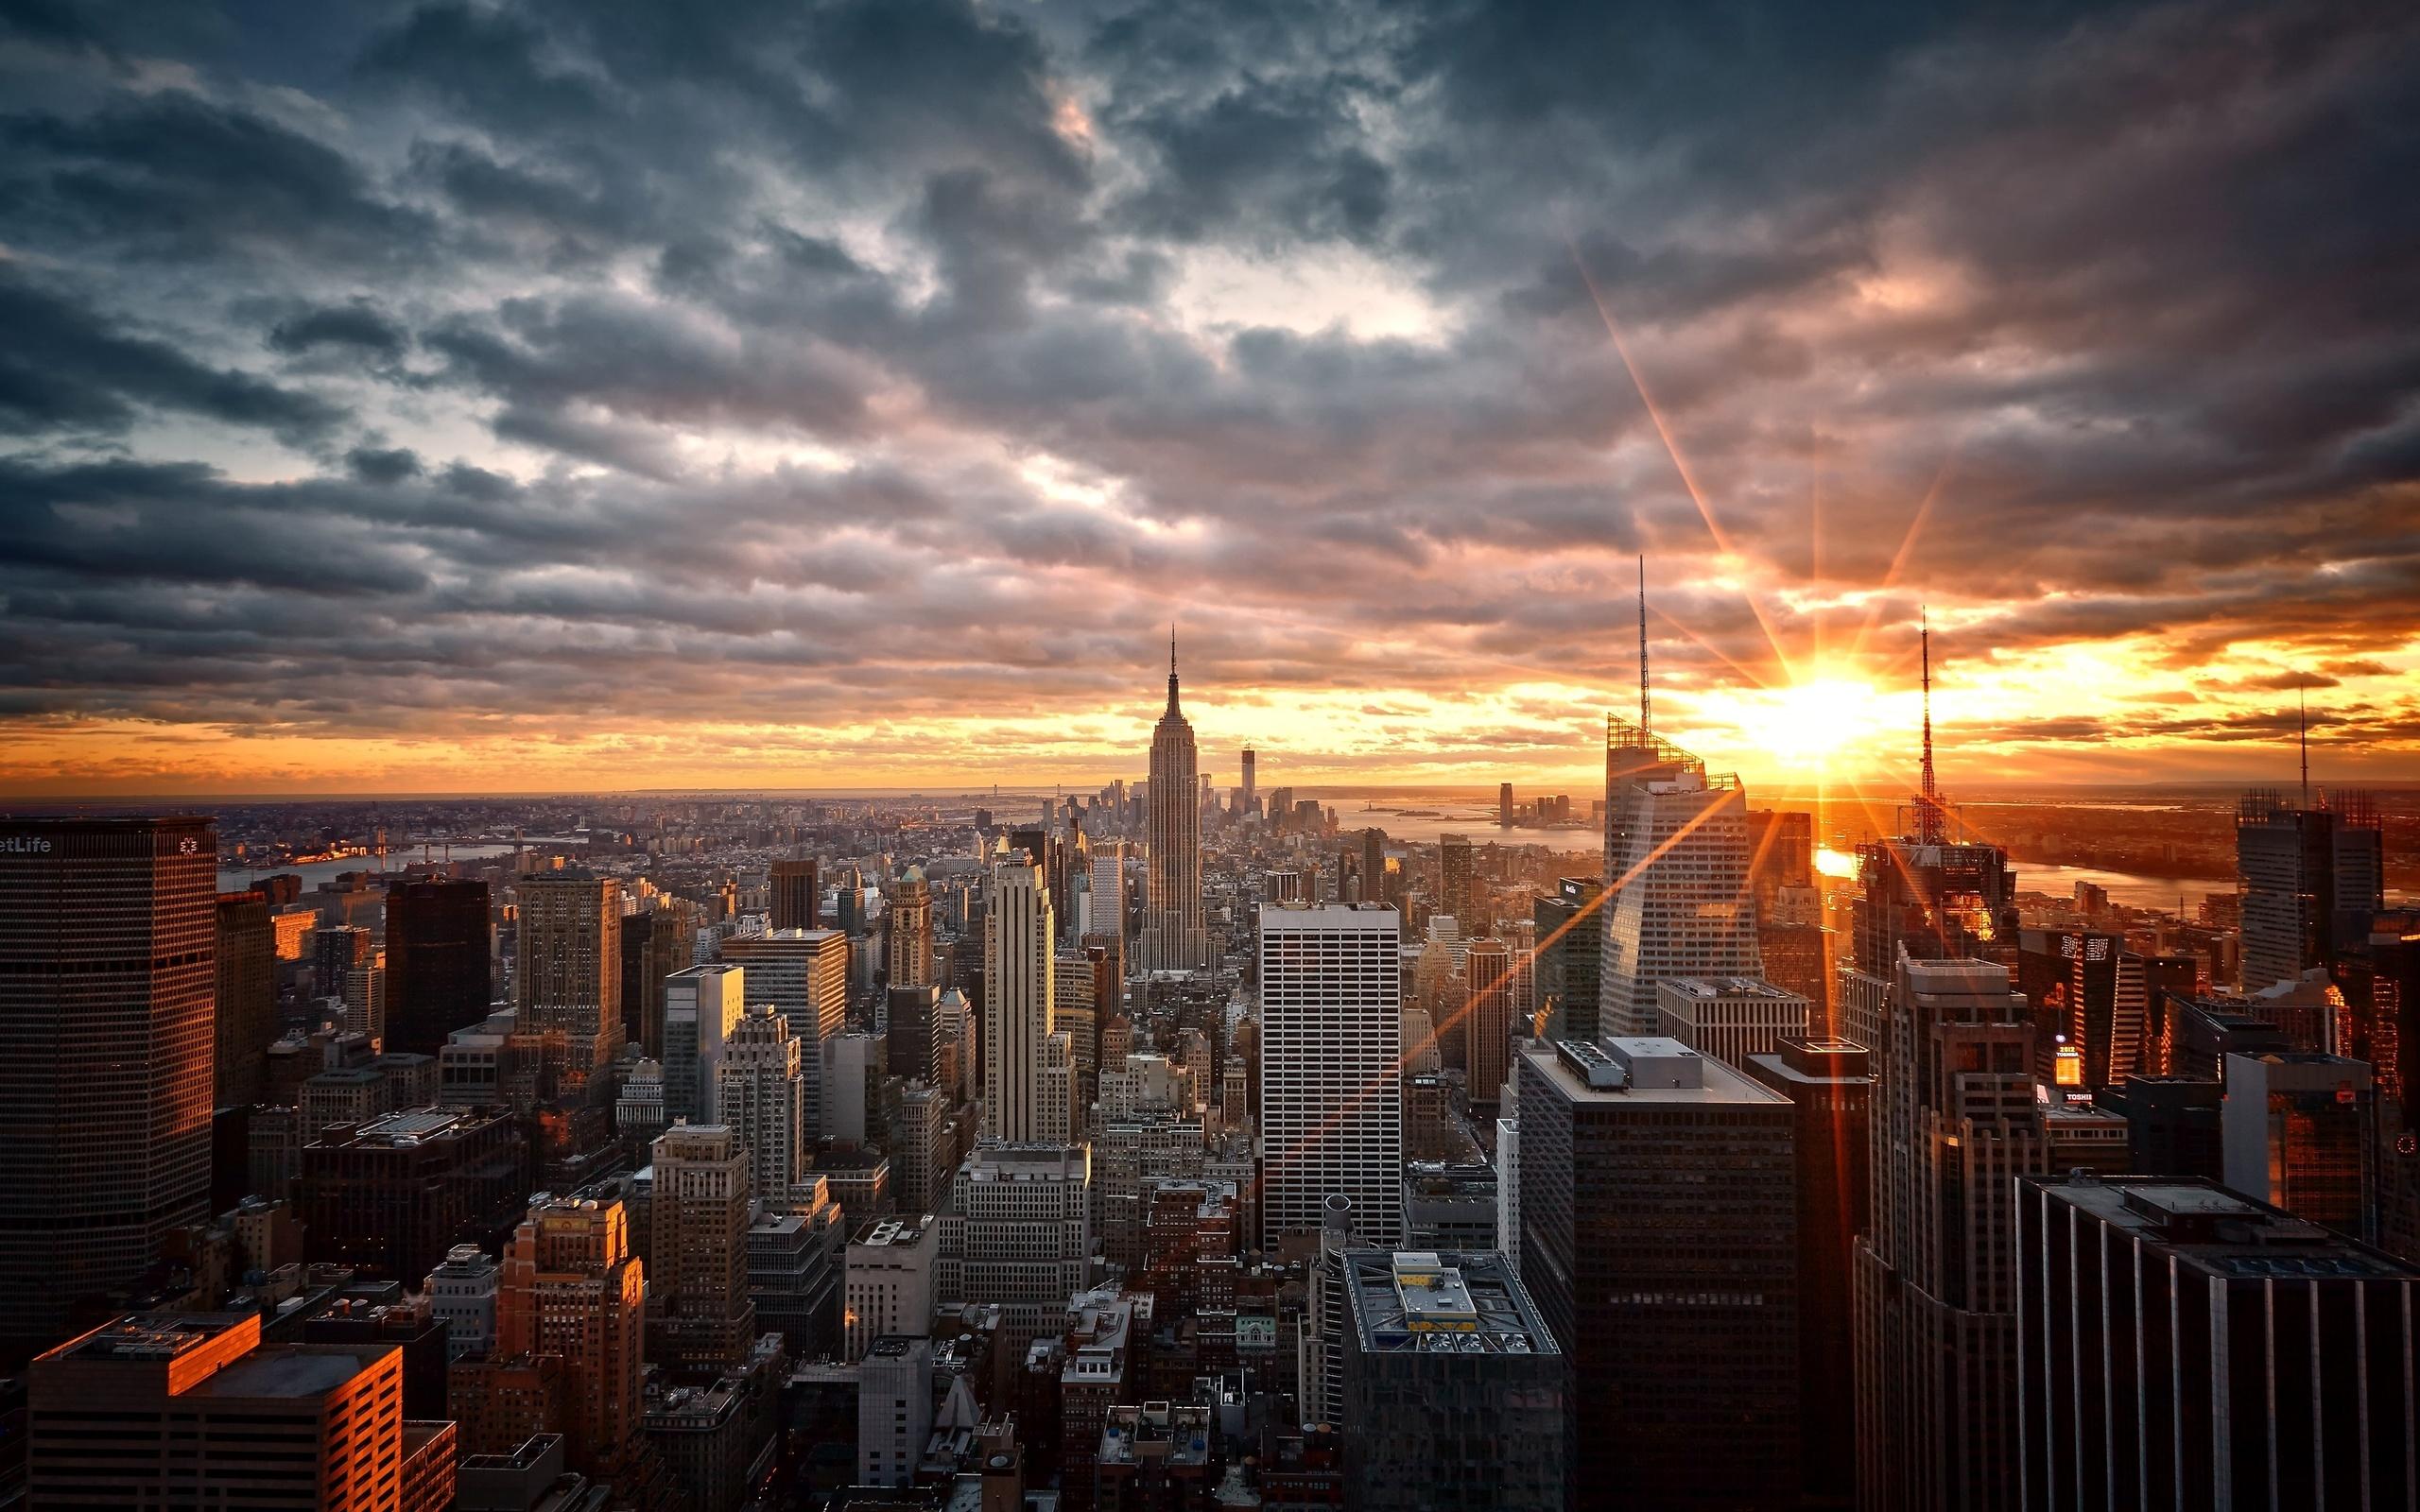 Картинки с нью-йорком, голубями цветами